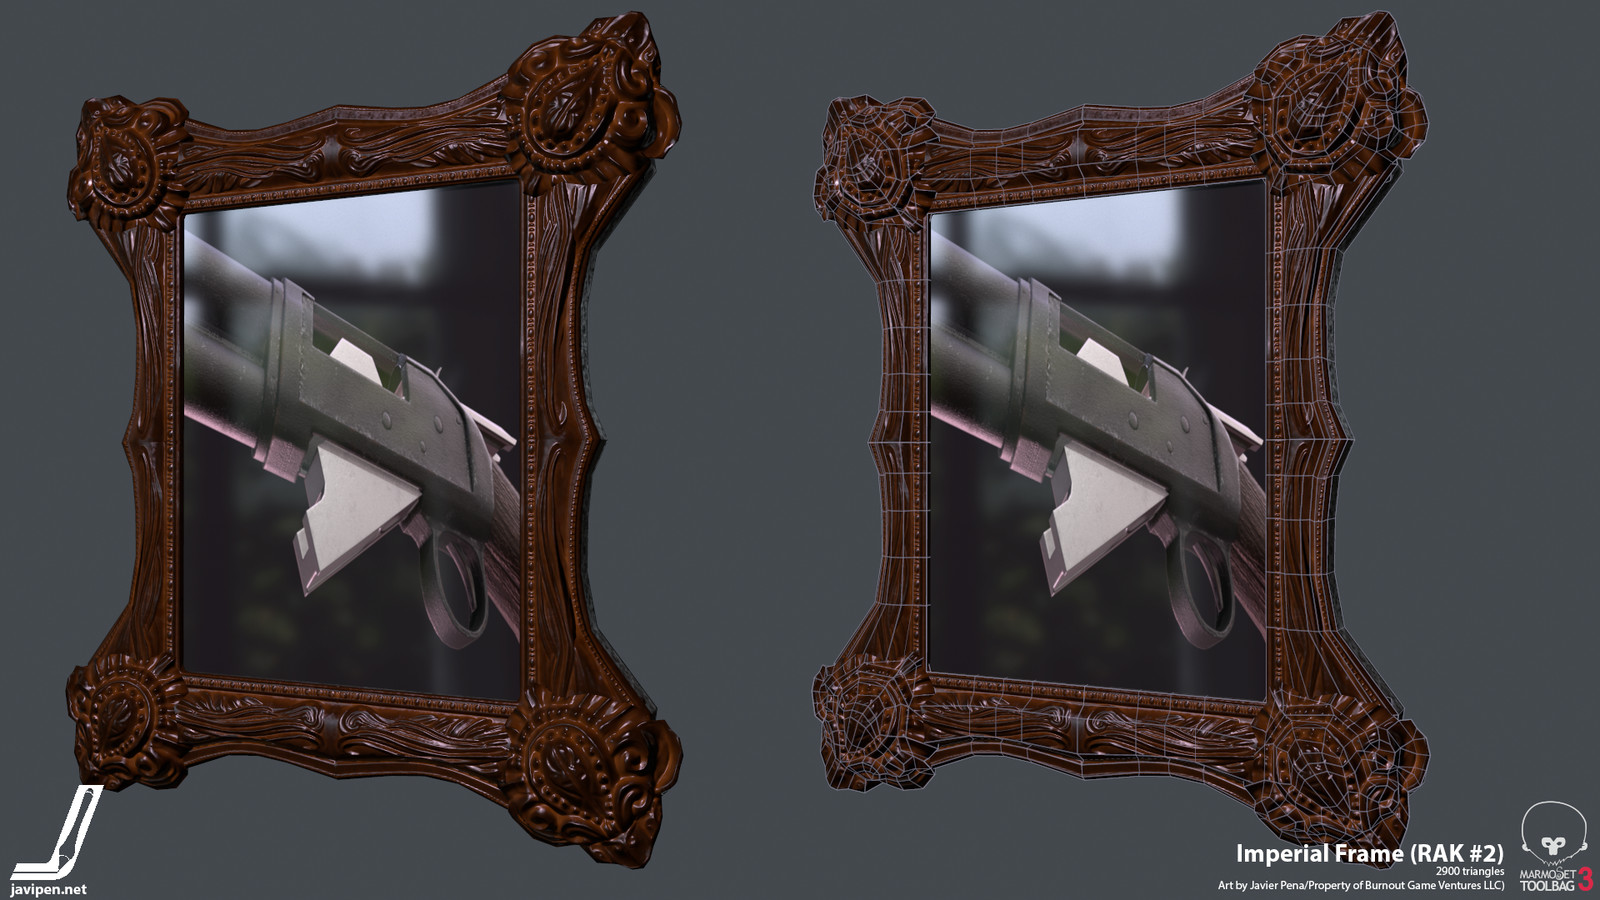 Imperial Frame